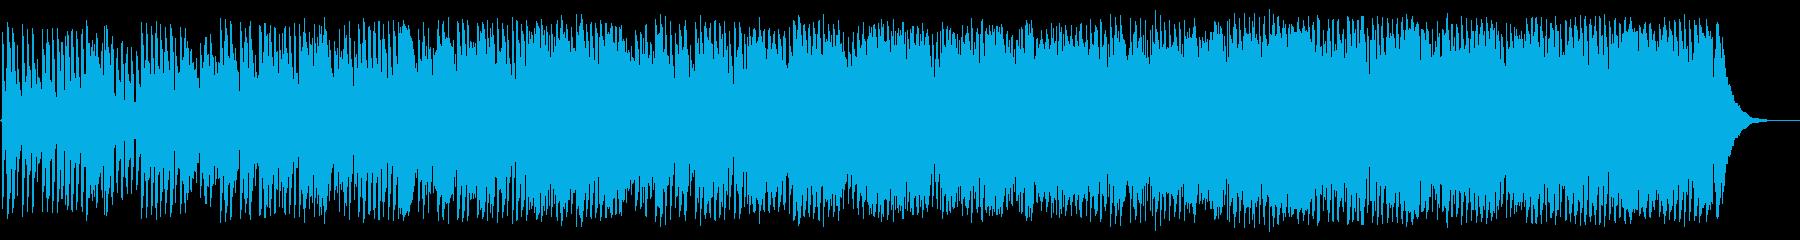 ノスタルジックで心温まるギリシャ民謡の再生済みの波形